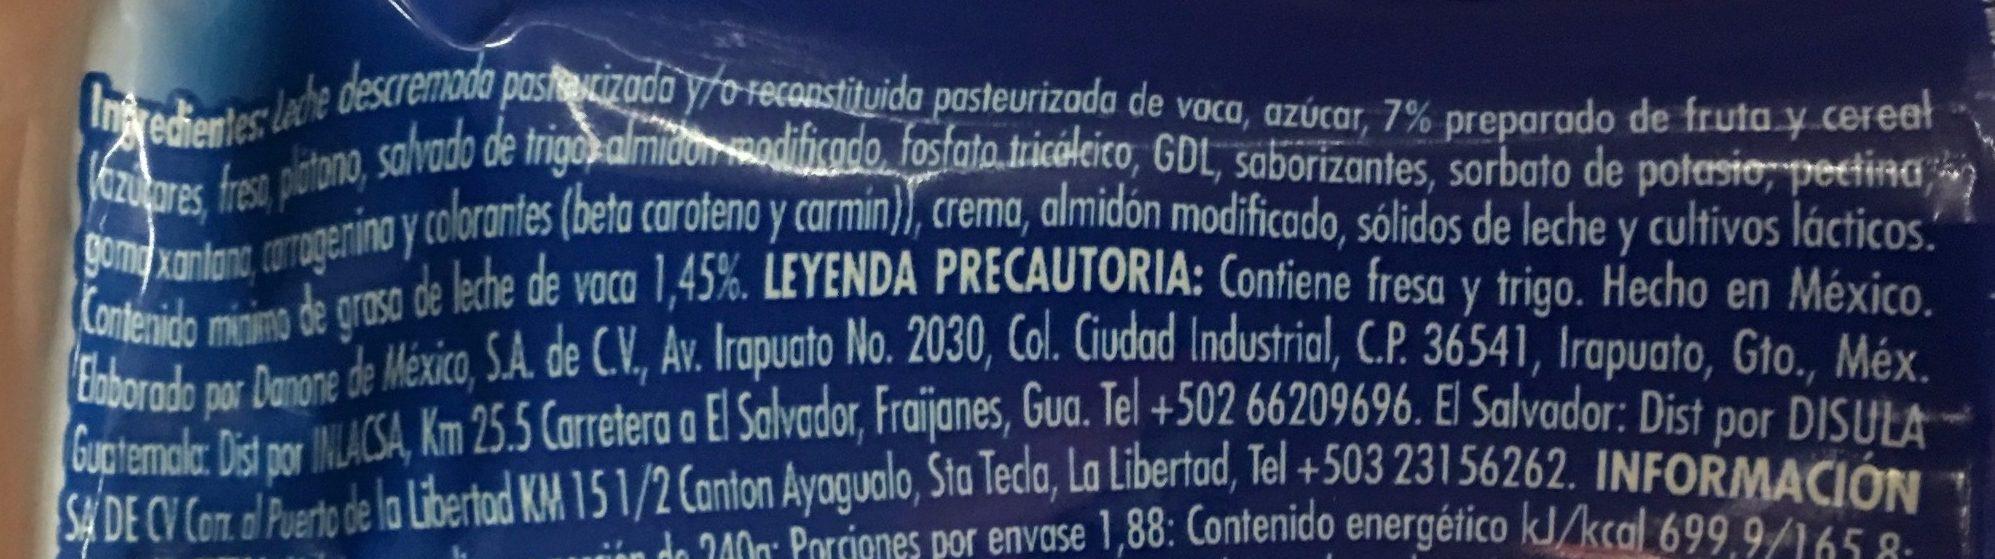 LICUADO FRESA PLATANO Y CEREAL - Ingrediënten